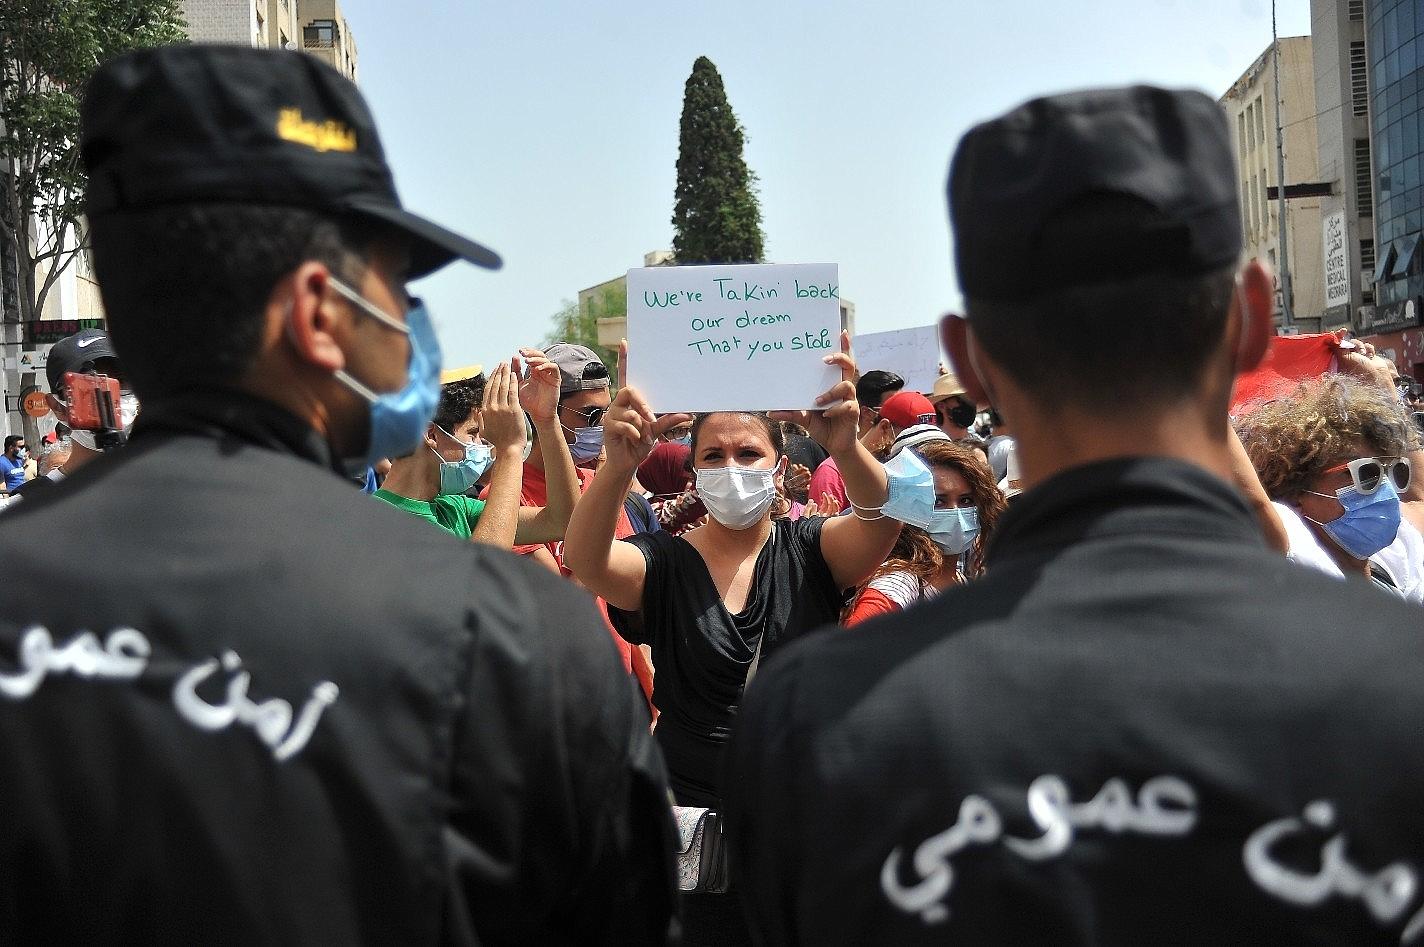 2021/07/tunusta-hukumet-karsiti-protesto-20210725AW37-2.jpg